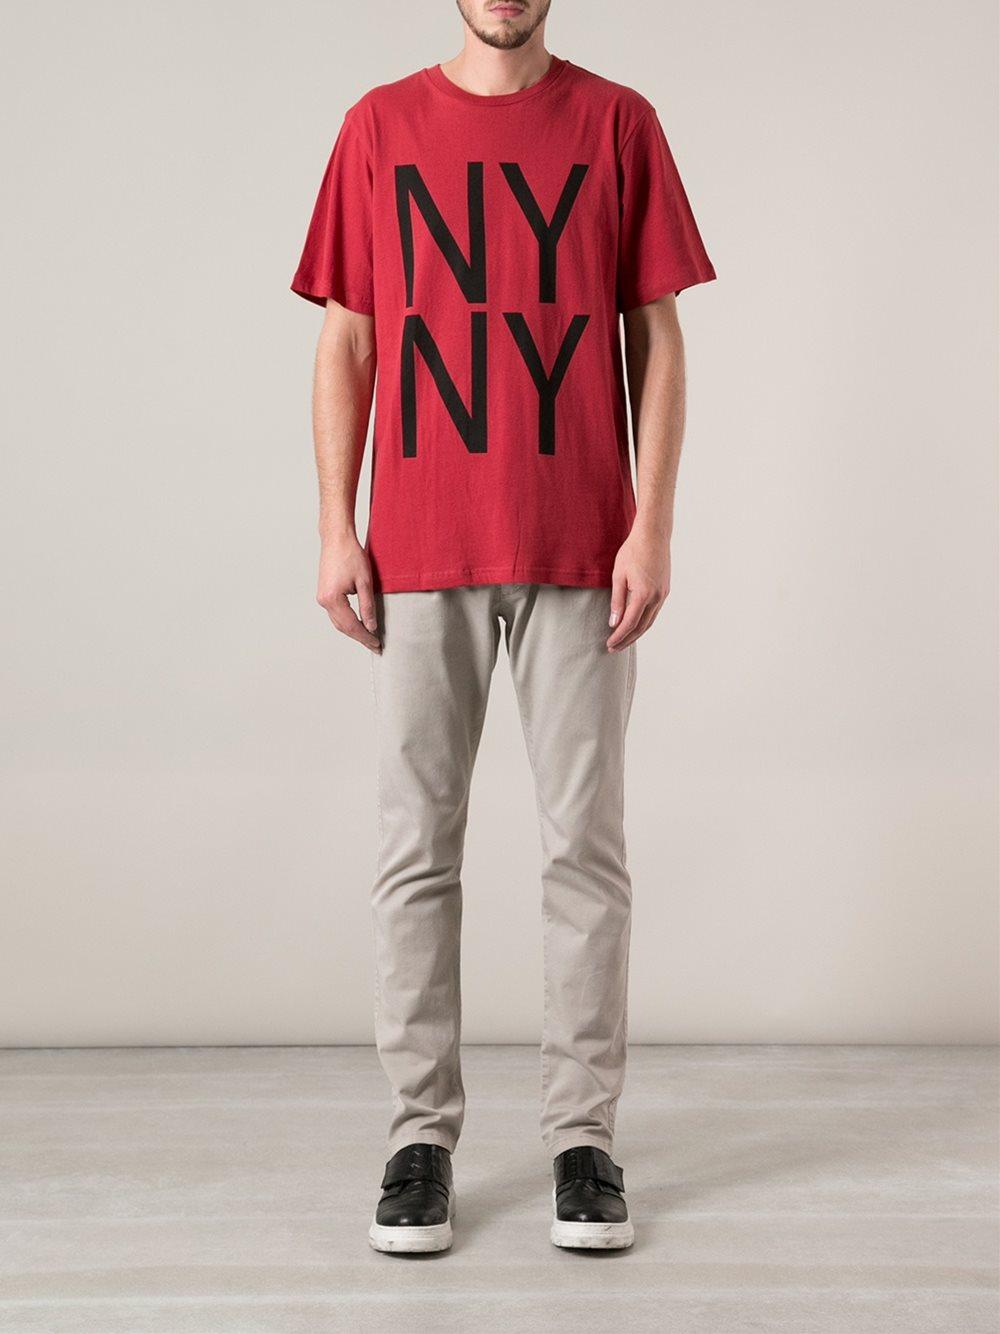 NY, NY Shirt $21.00